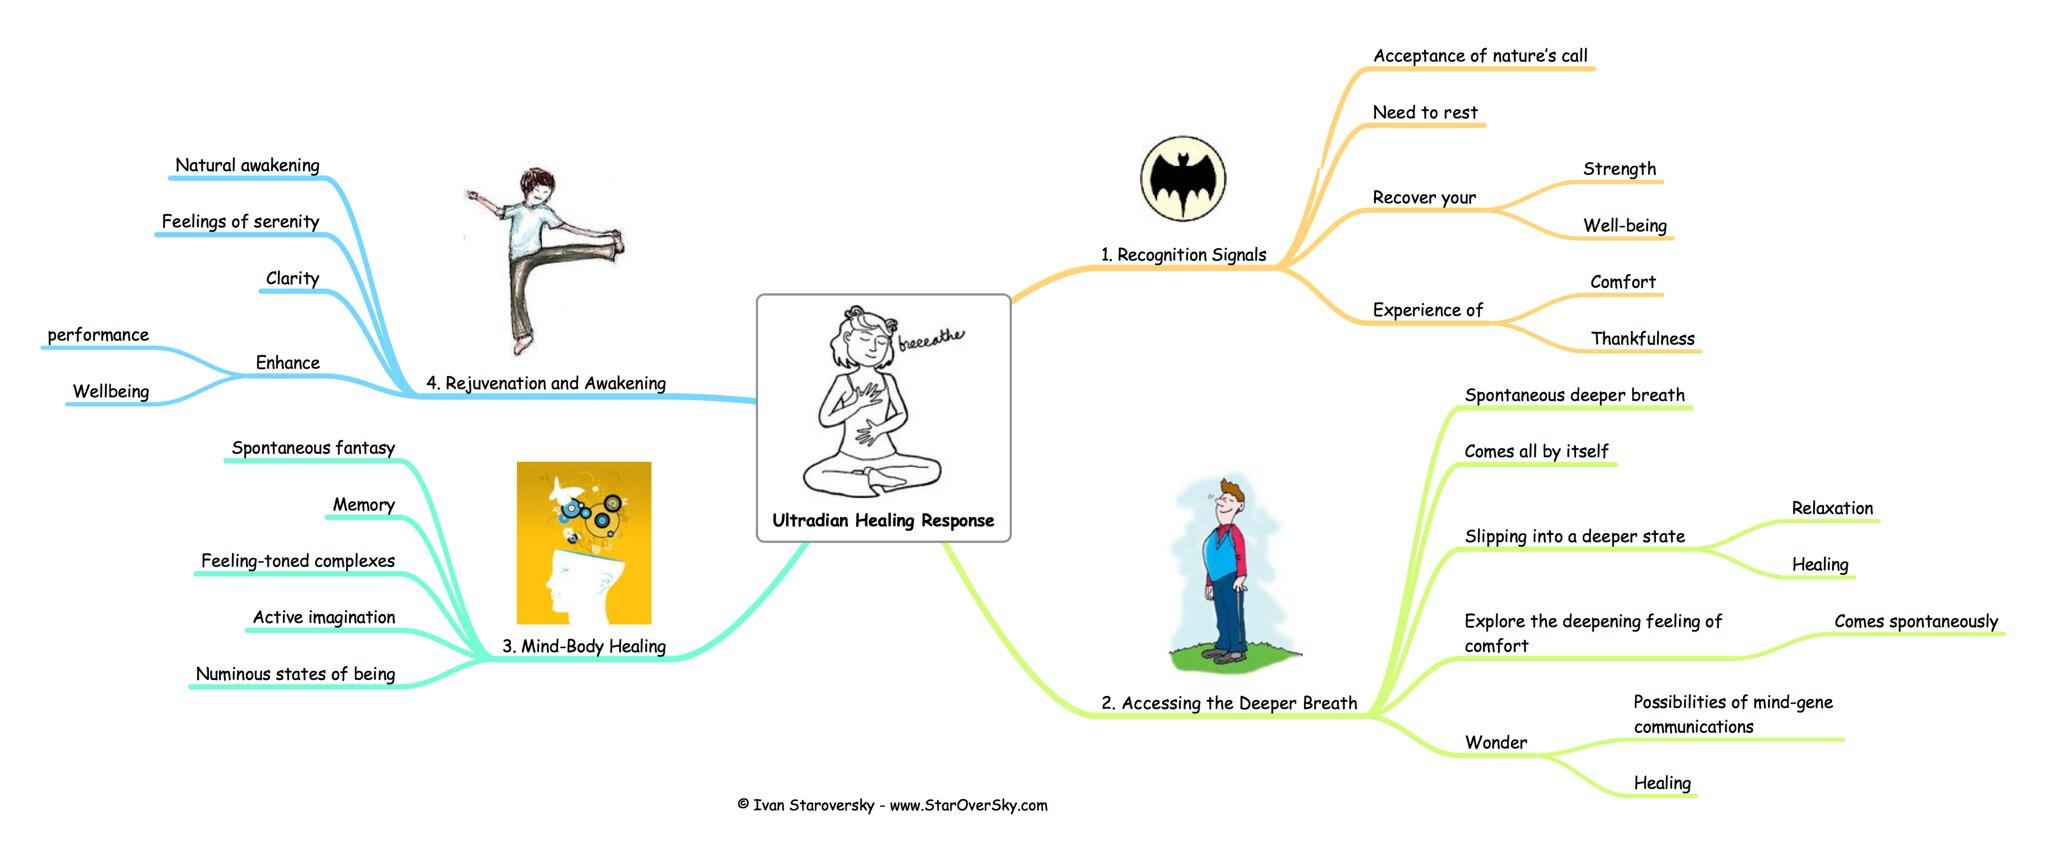 Ultradian Healing Response